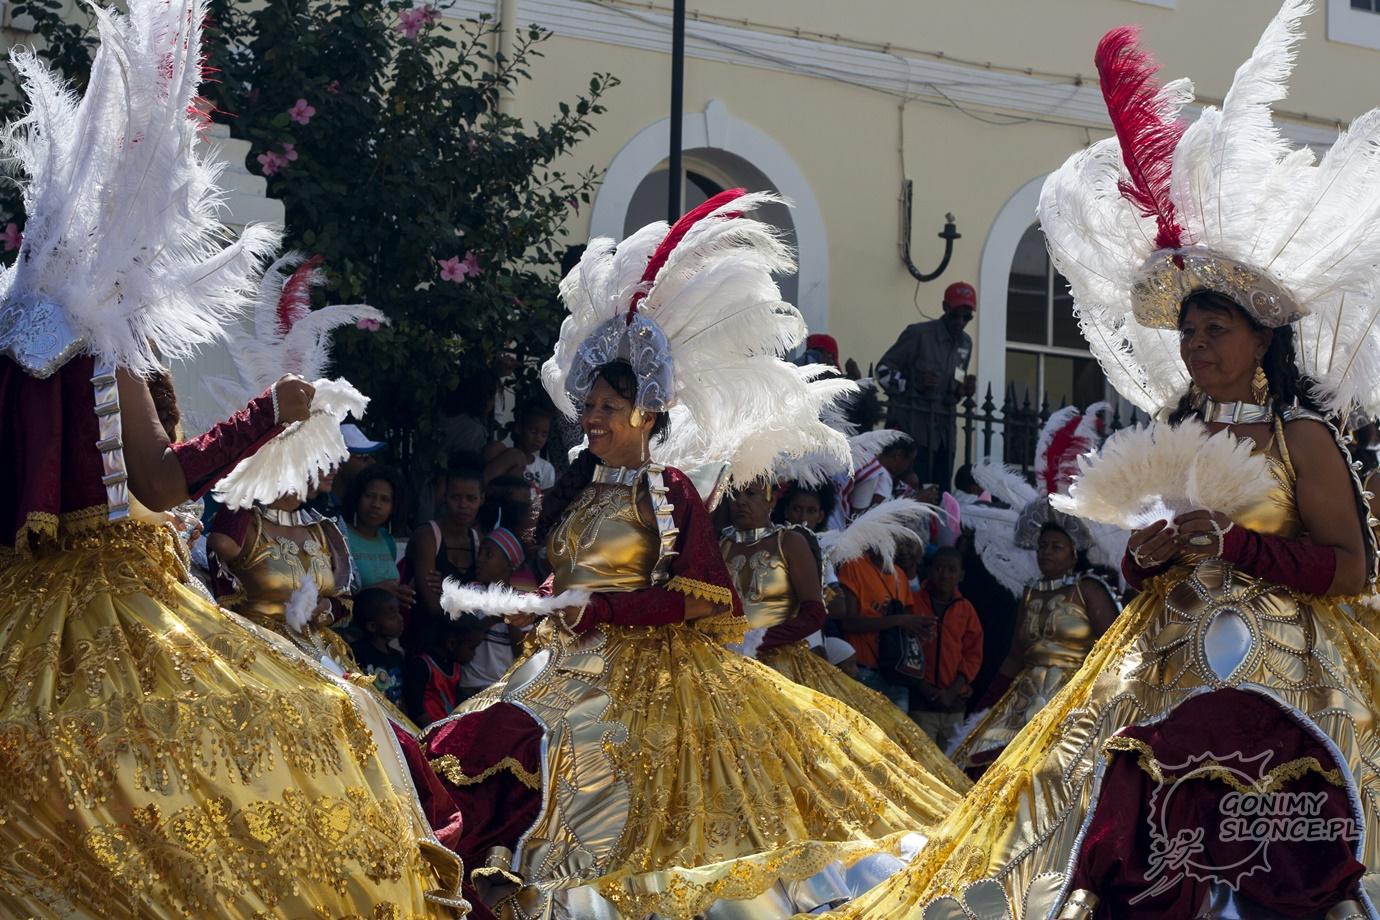 Kobiety z parady karnawałowej